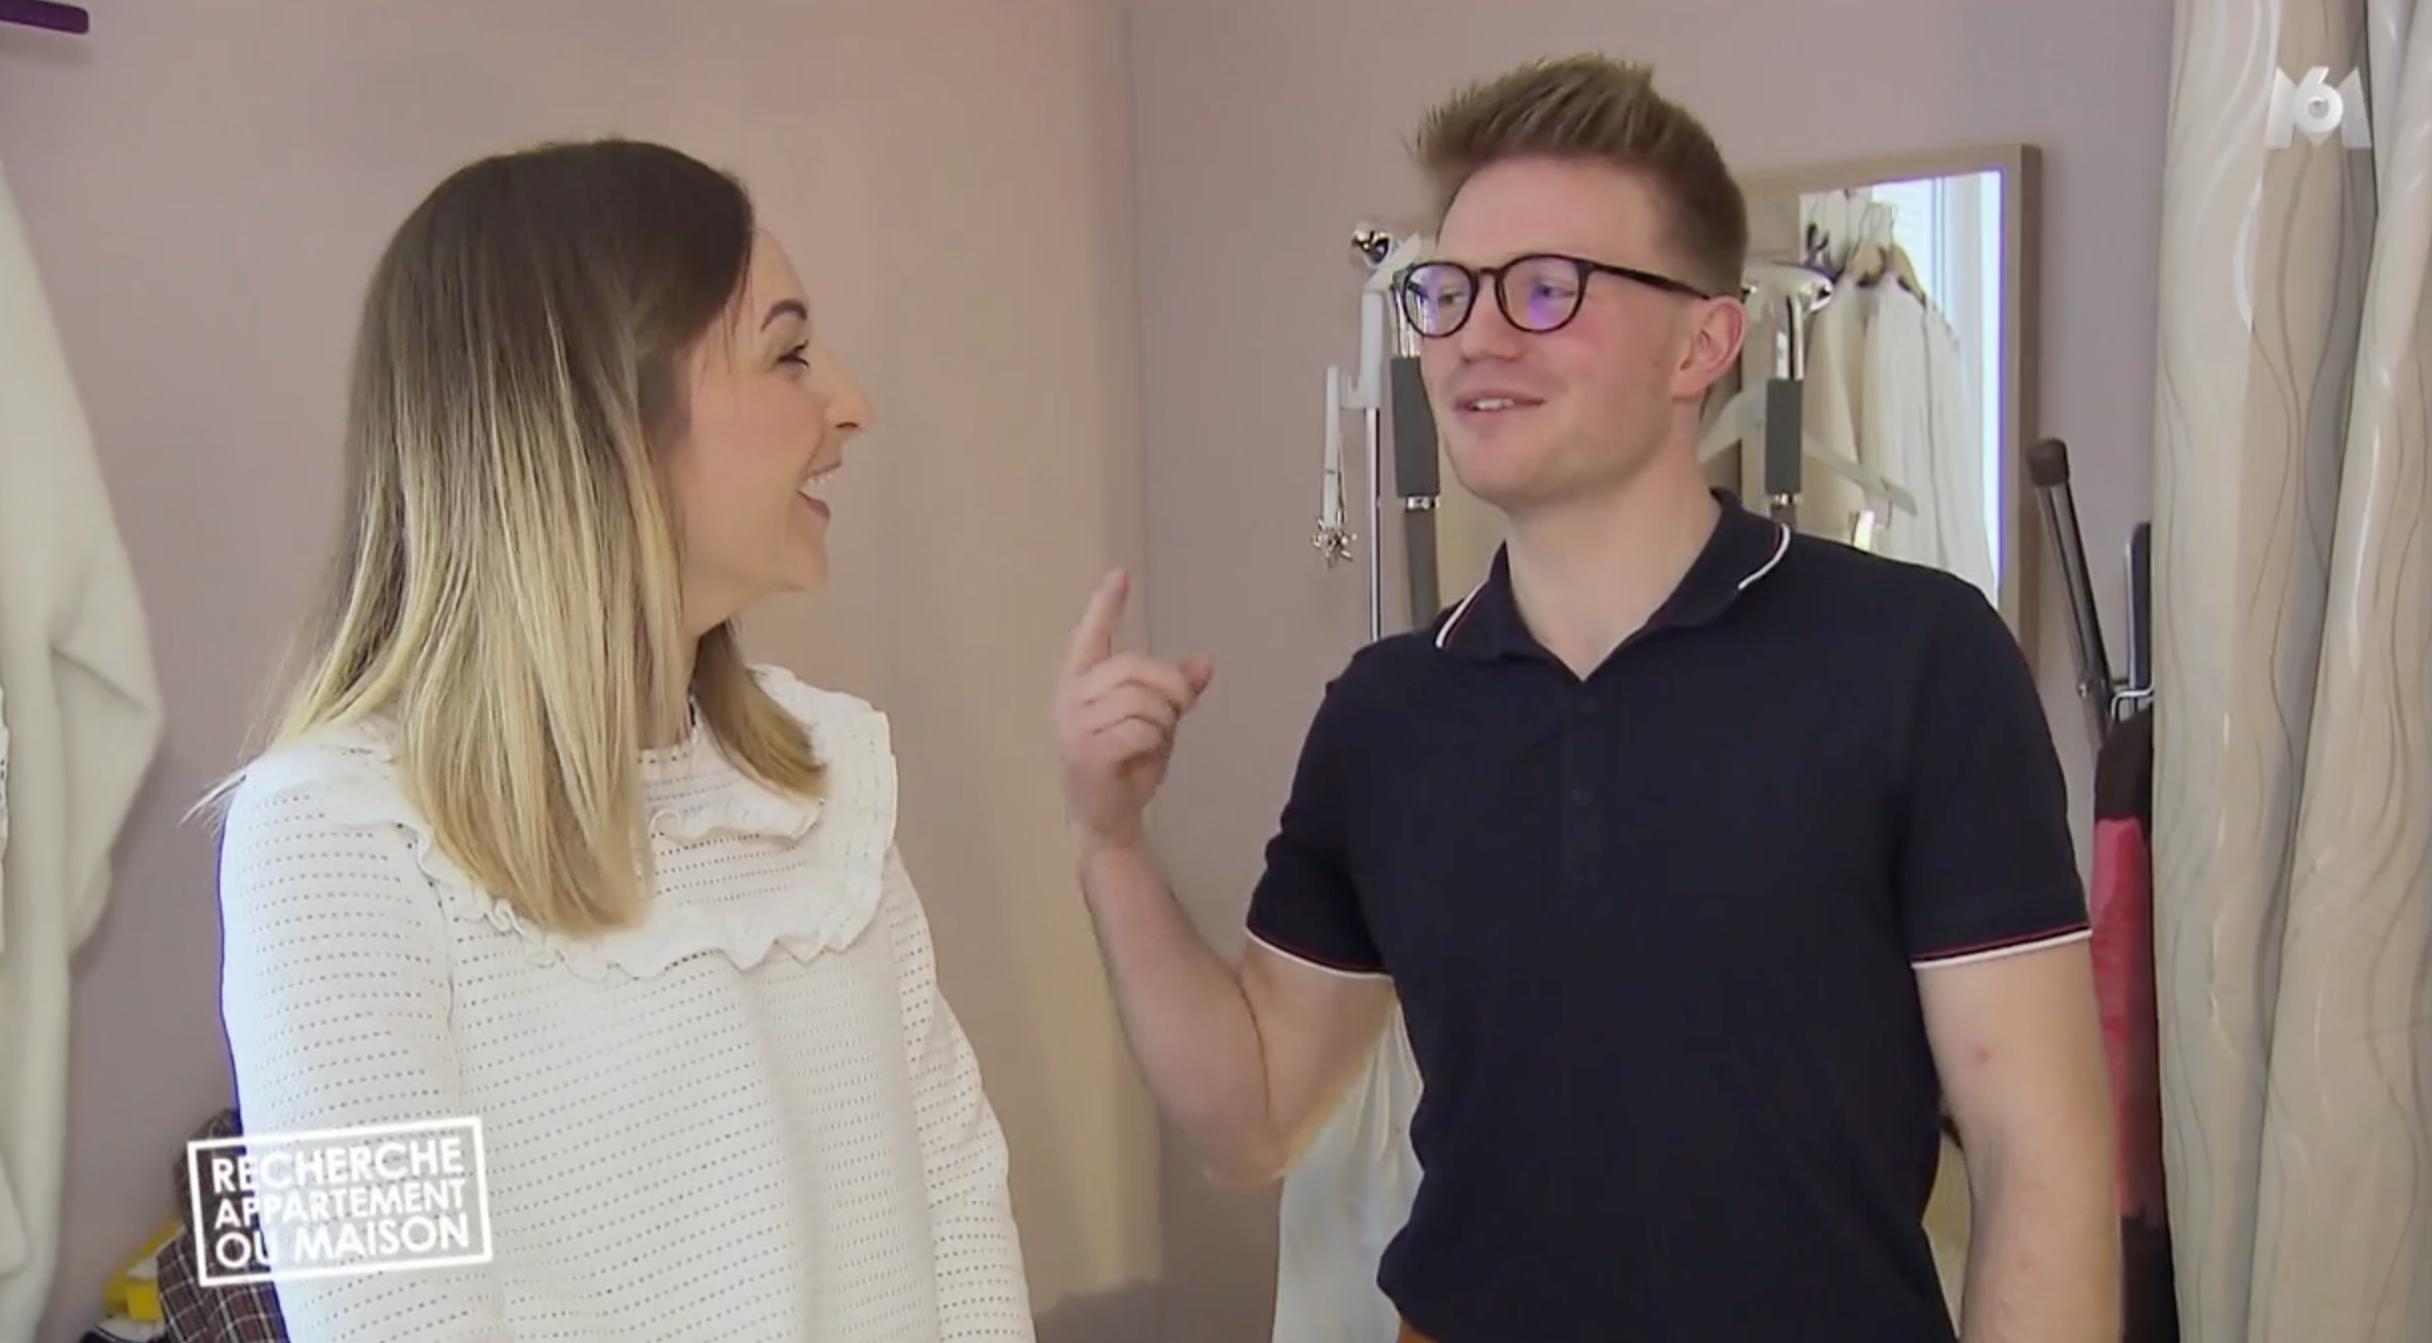 VIDEO Recherche appartement ou maison : l'attitude d'un jeune homme avec sa copine indigne les internautes